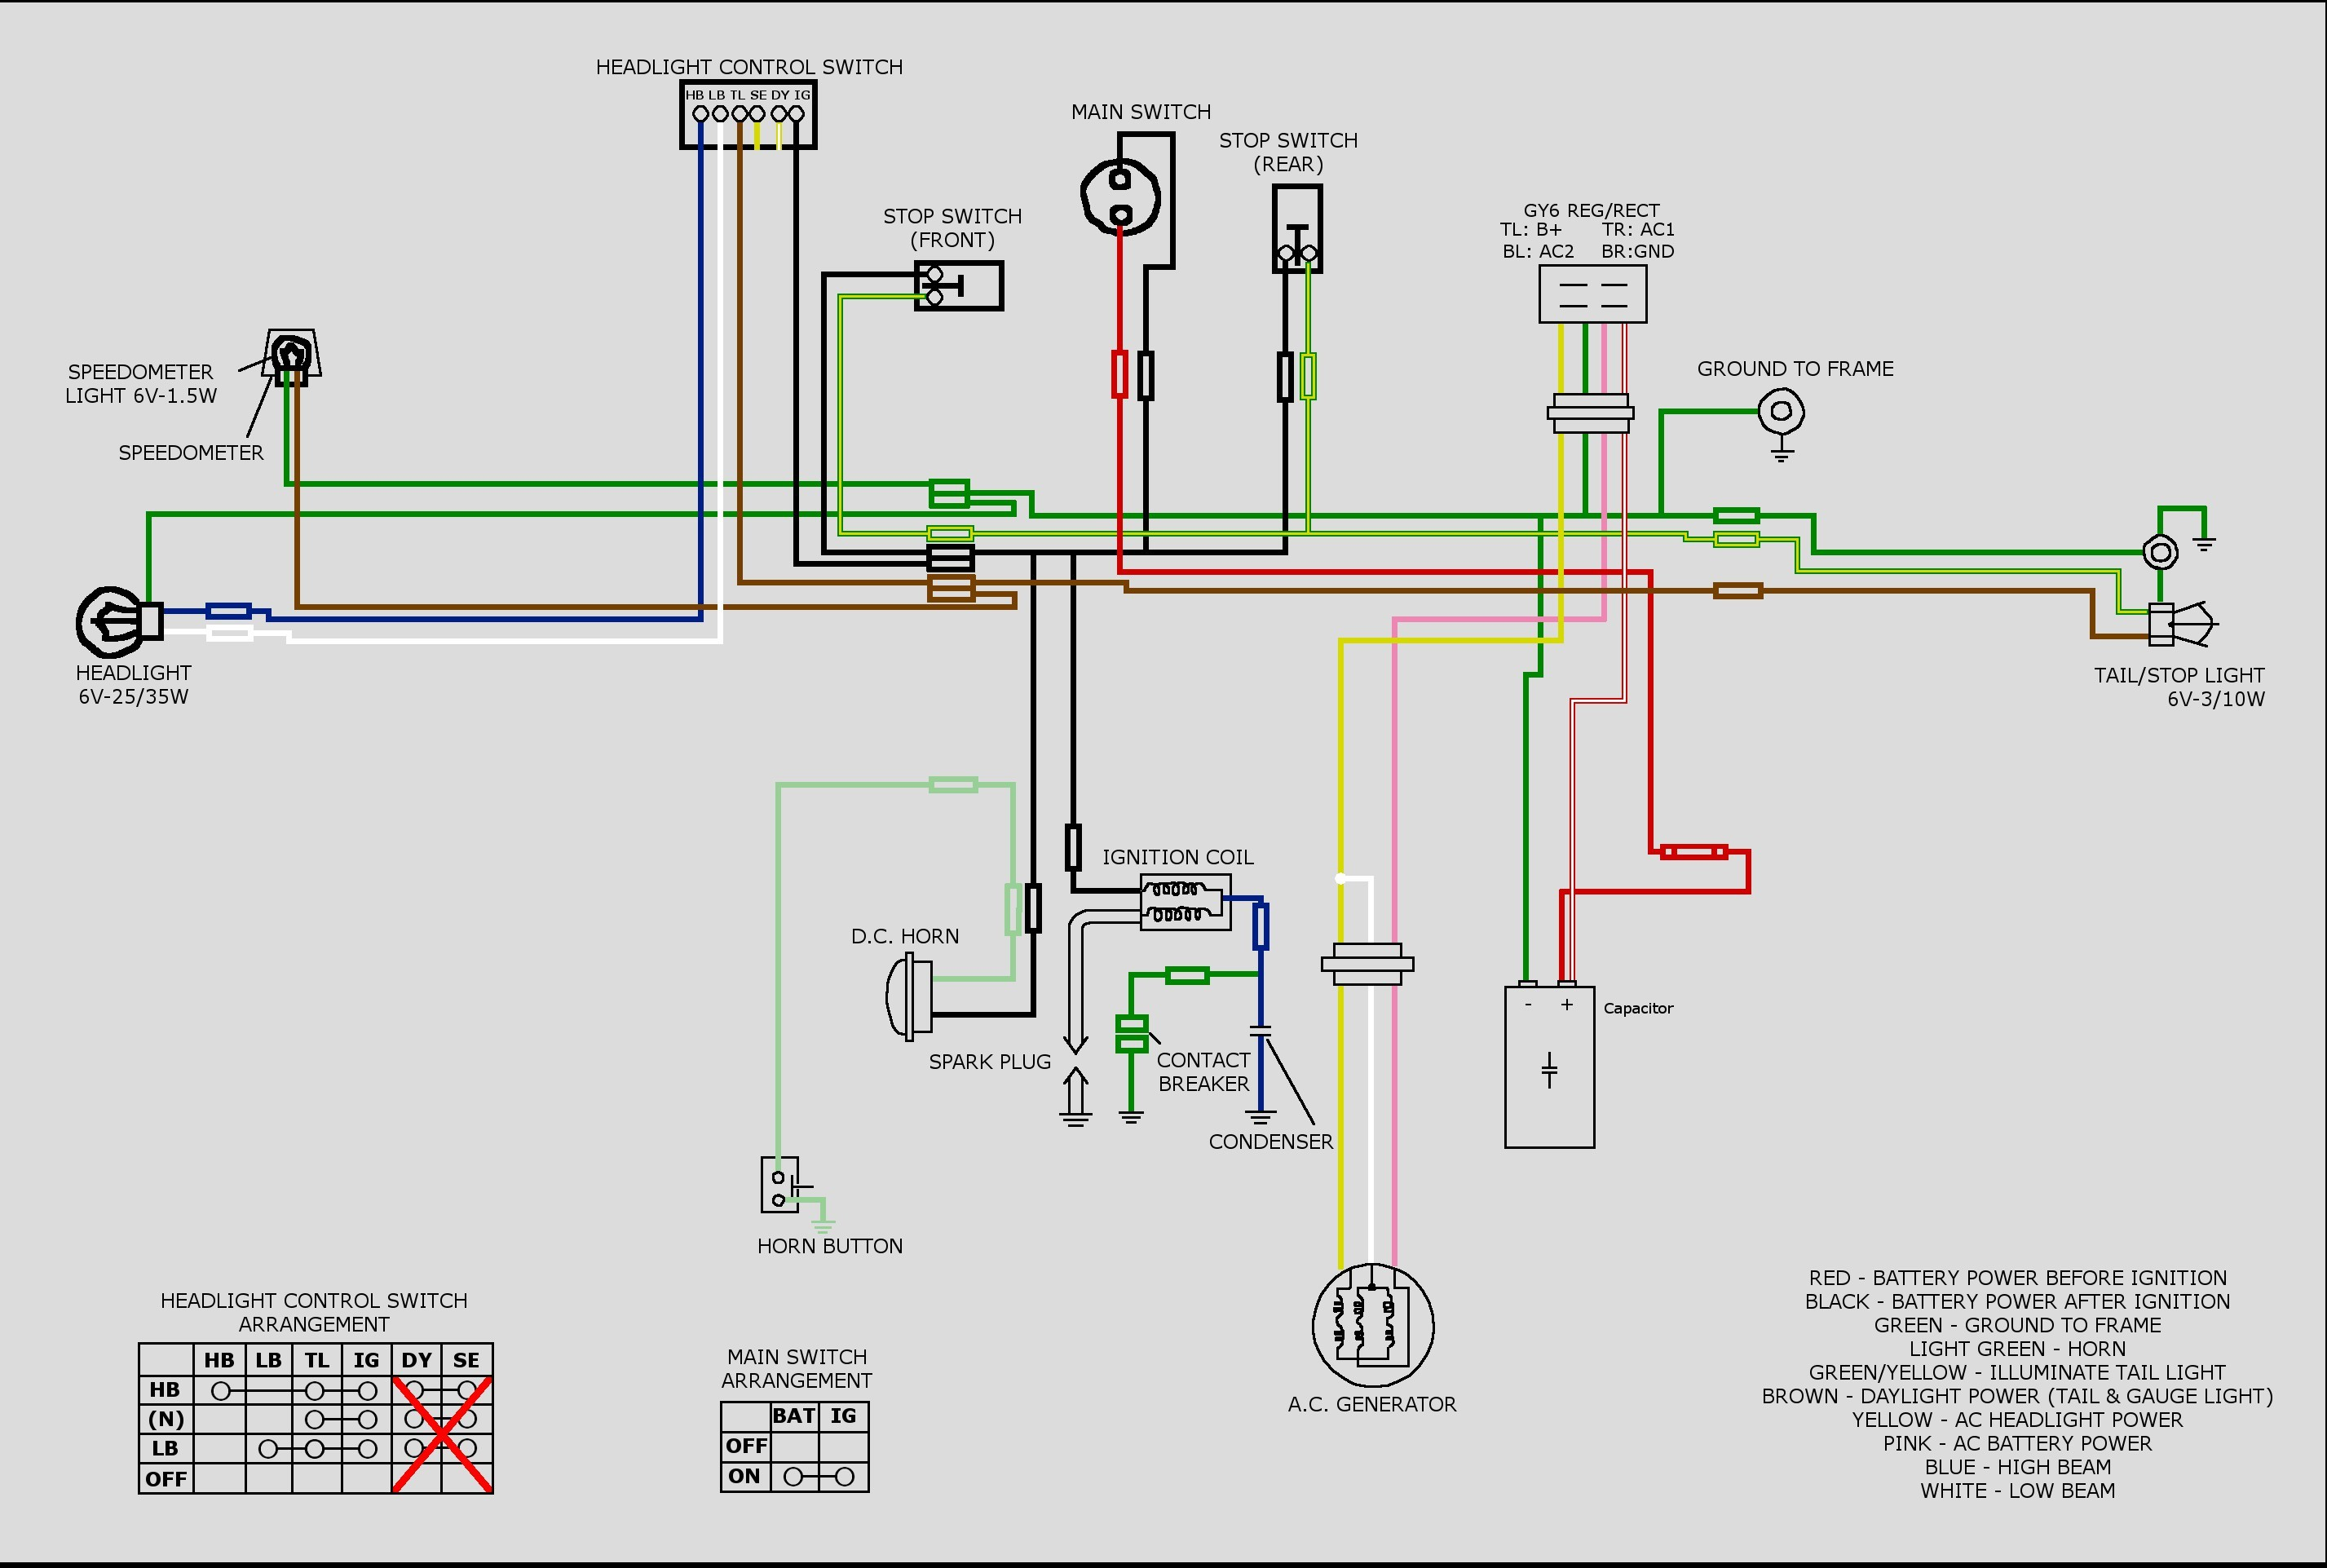 VR_4139] 6V Motorcycle Headlight Wiring Diagram Honda Wiring DiagramHicag Tool Mohammedshrine Librar Wiring 101